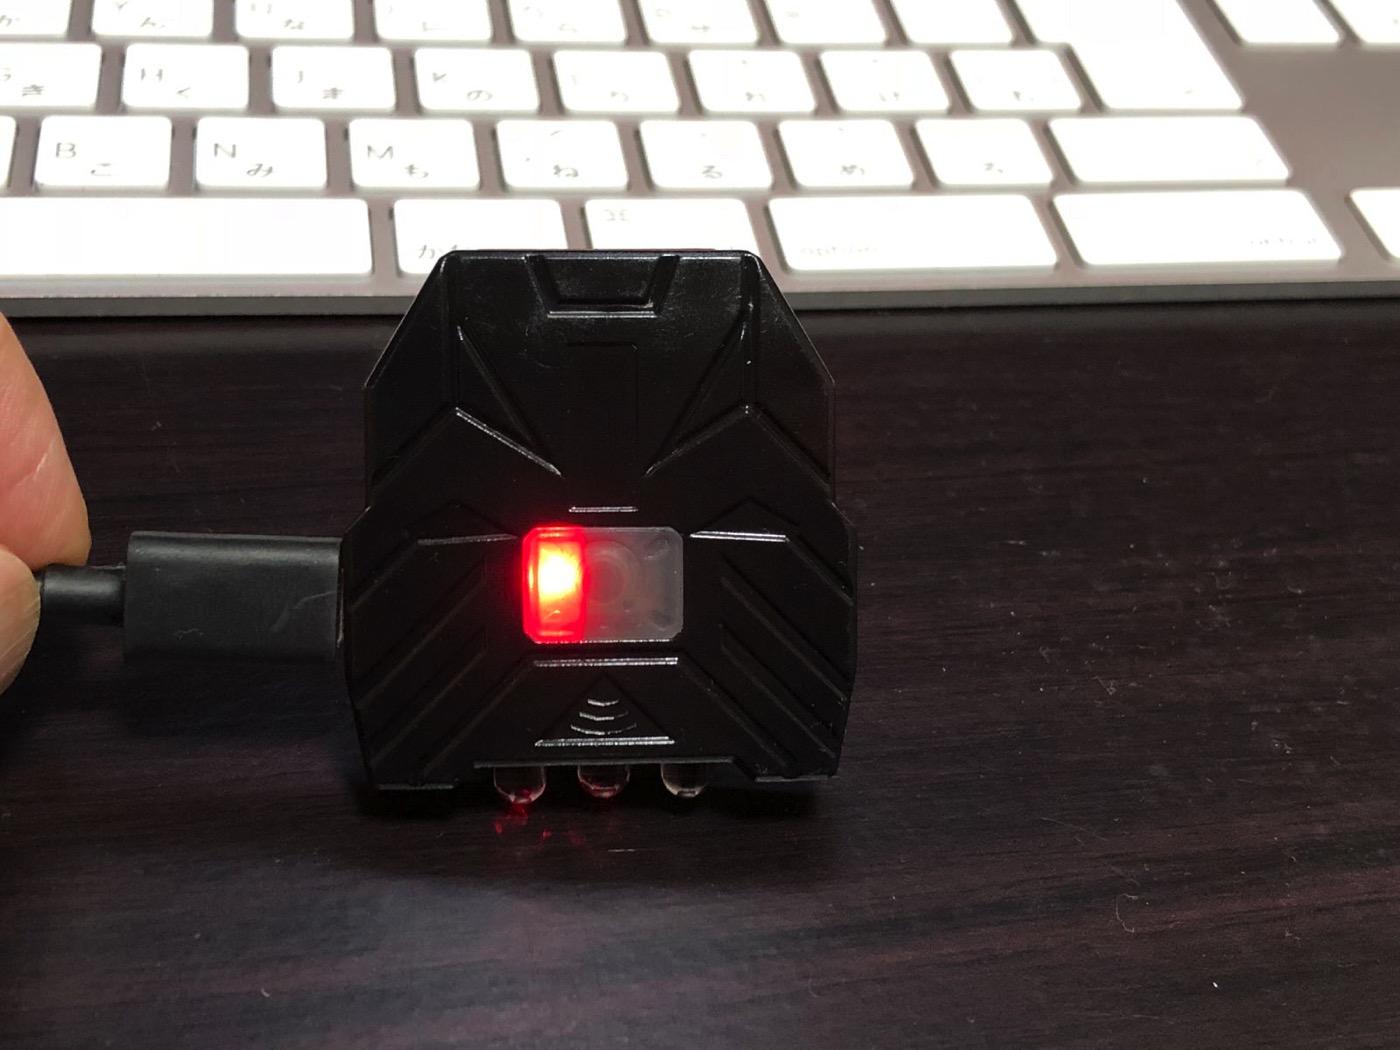 ヘッドライト 40ルーメン LEDキャップライト 帽子ライト センシング機能付 人感センサー ライト 2点灯モード 90度角度調節可能 帽子に挟んで使う-20